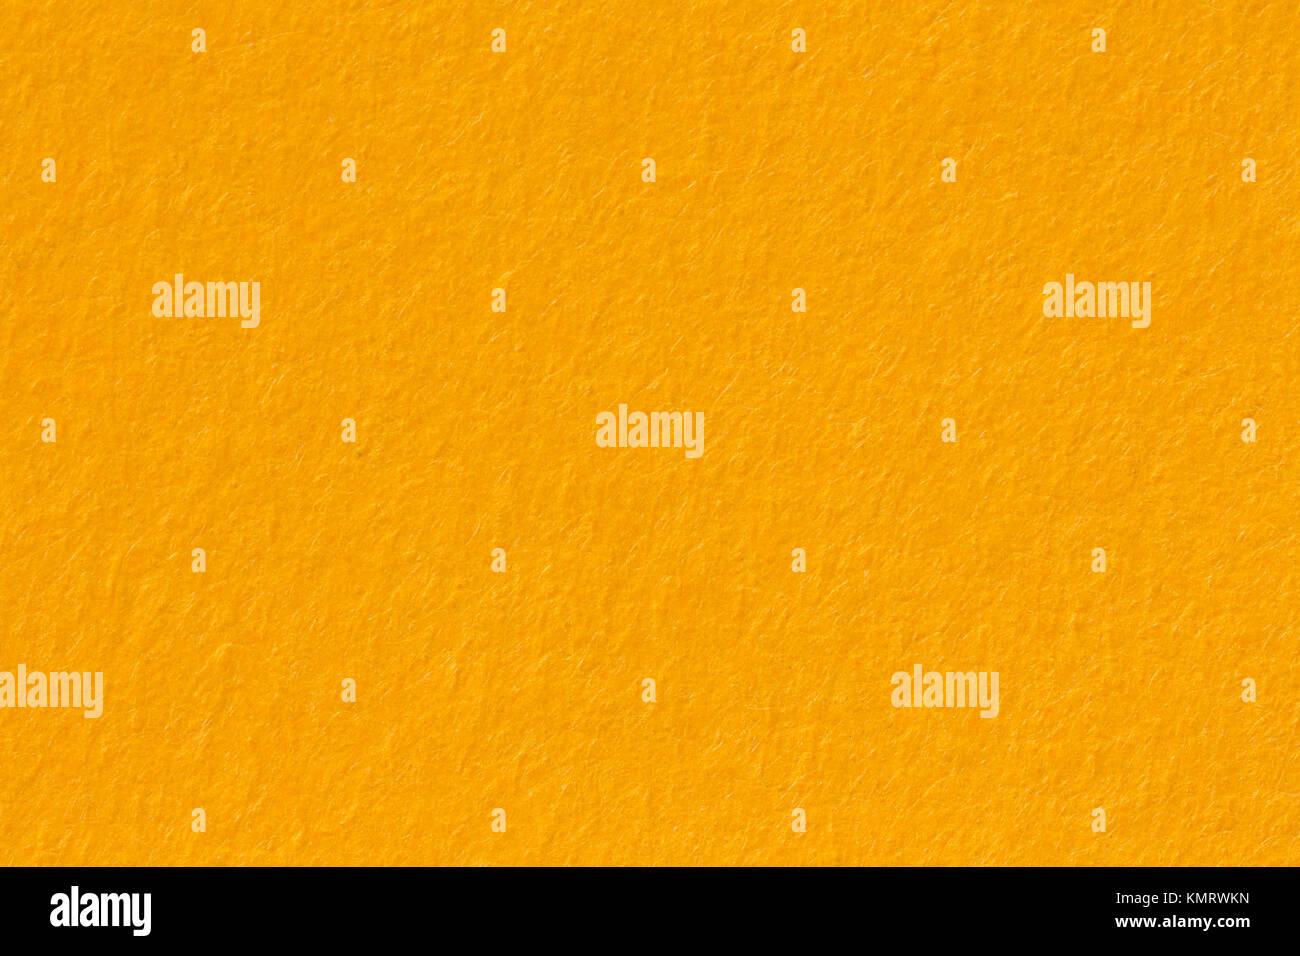 La texture du papier orange grand comme un arrière-plan. Banque D'Images